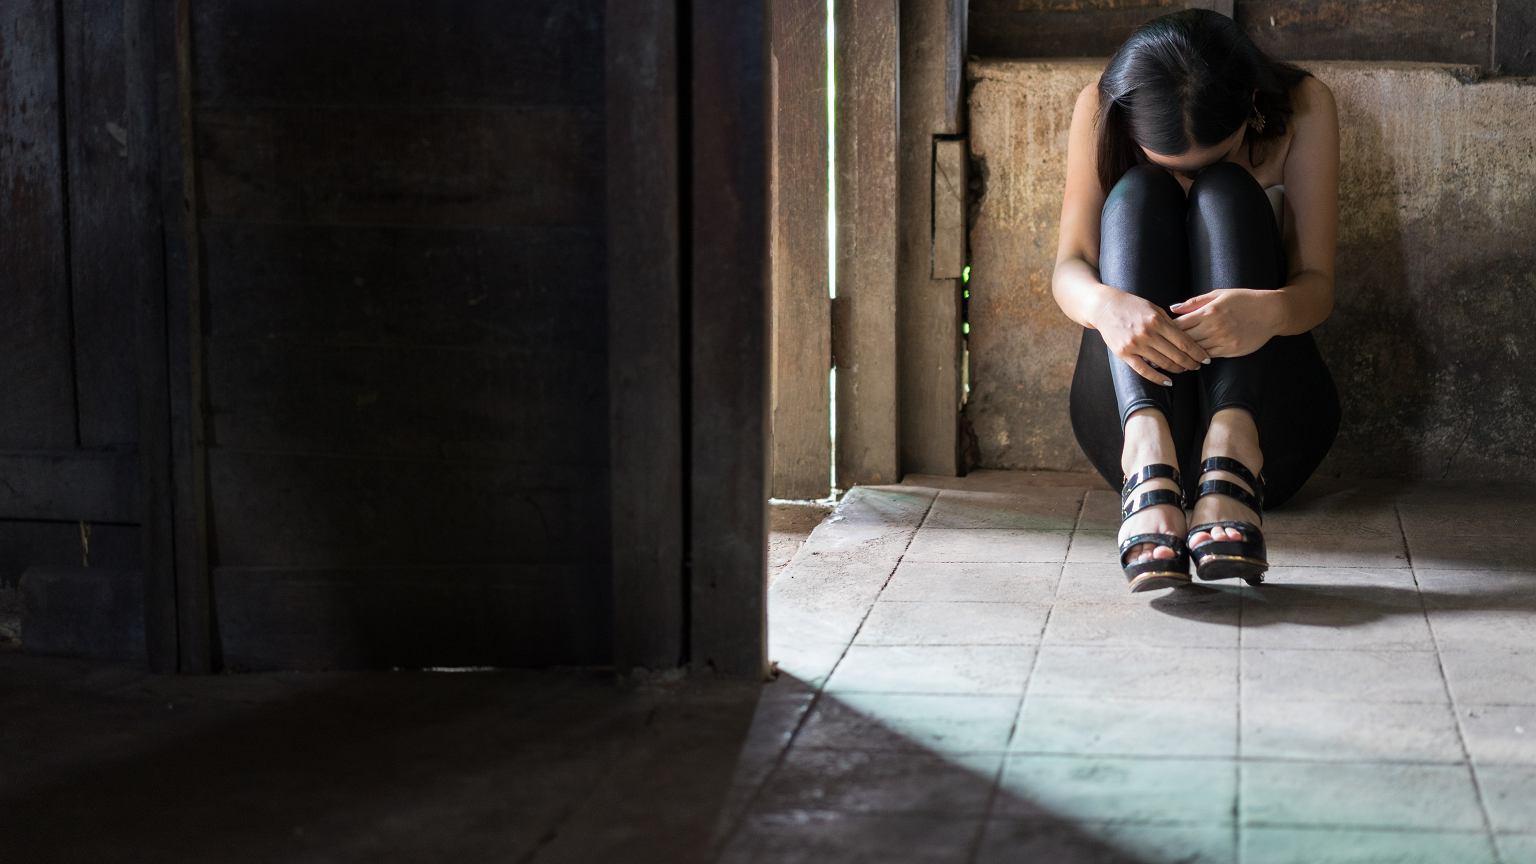 Zasada w handlu ludźmi jest jedna: osoba musi przynosić dochód